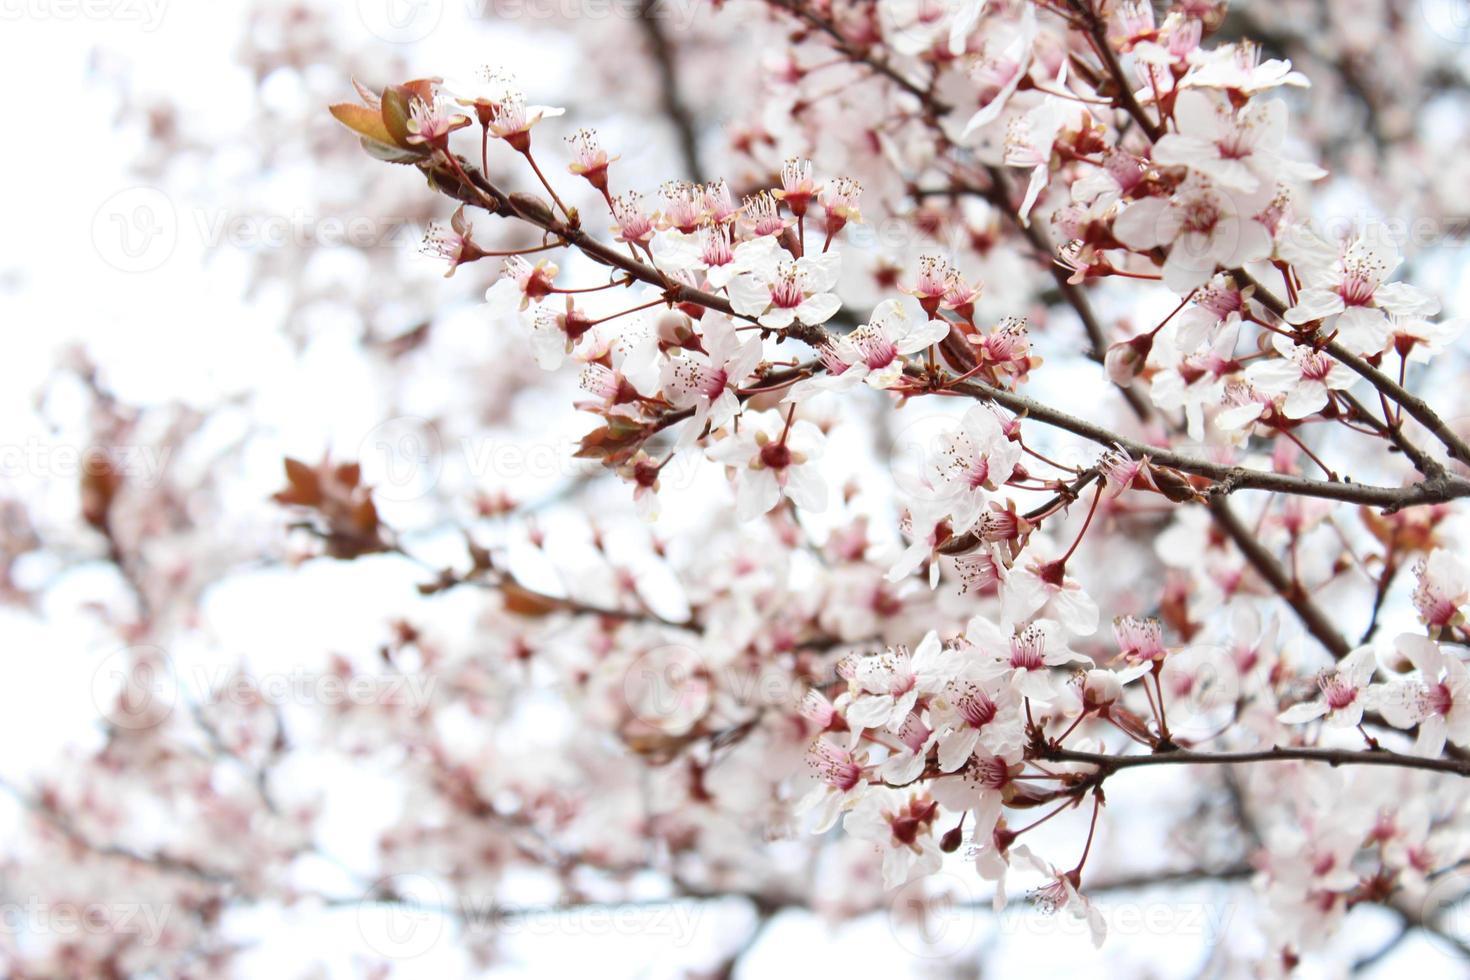 albero di albicocche in fiore foto